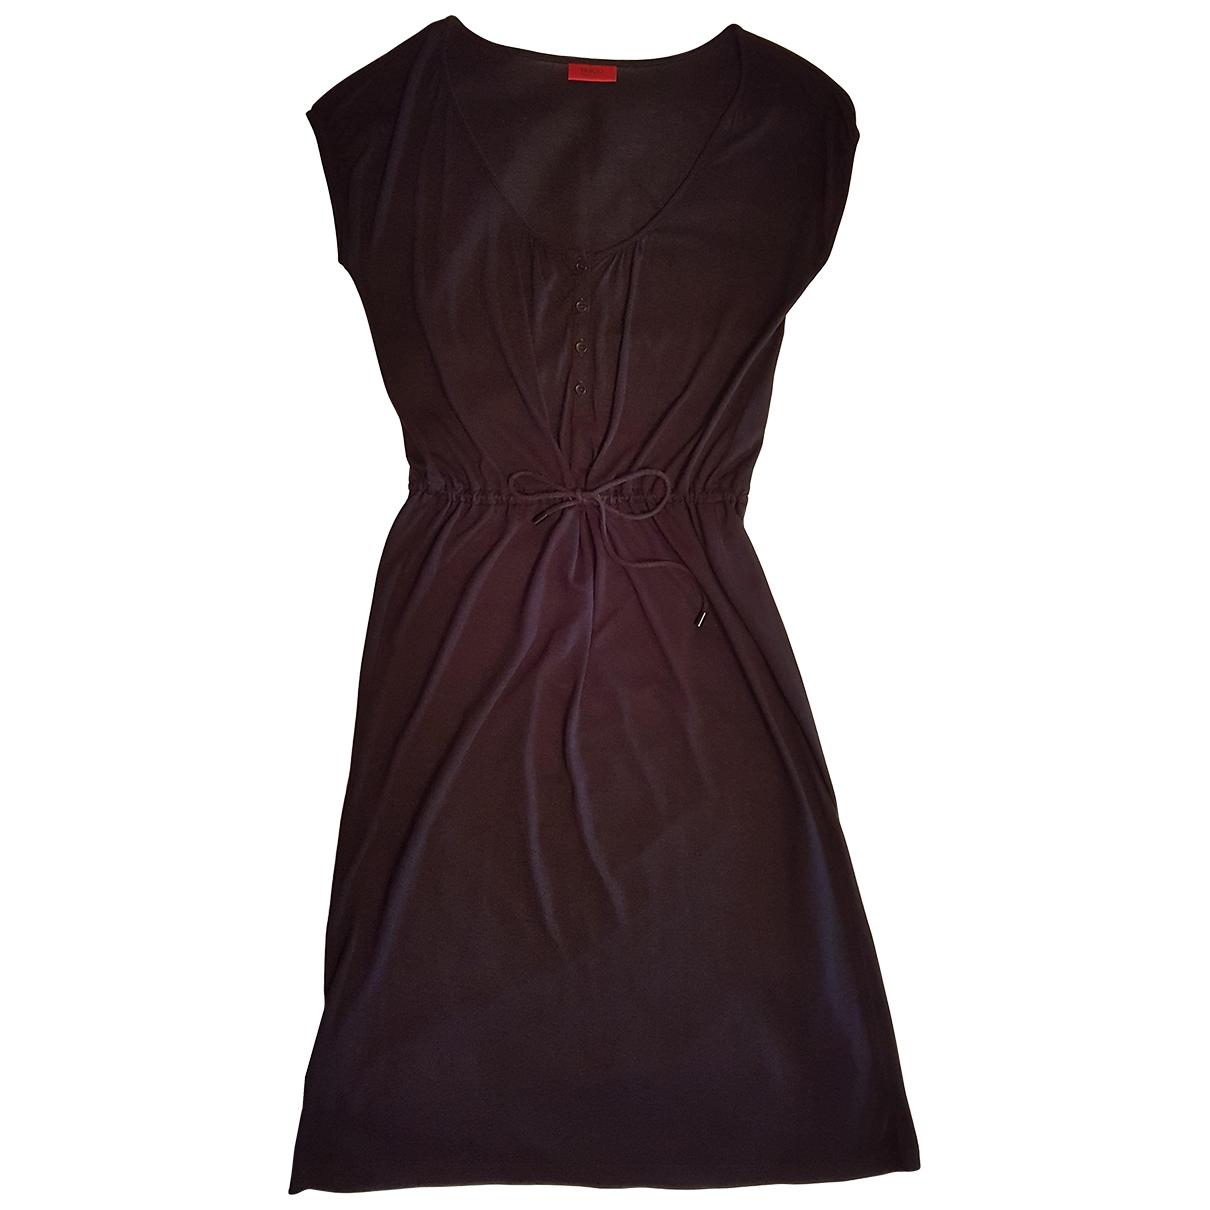 Hugo Boss \N Black dress for Women M International